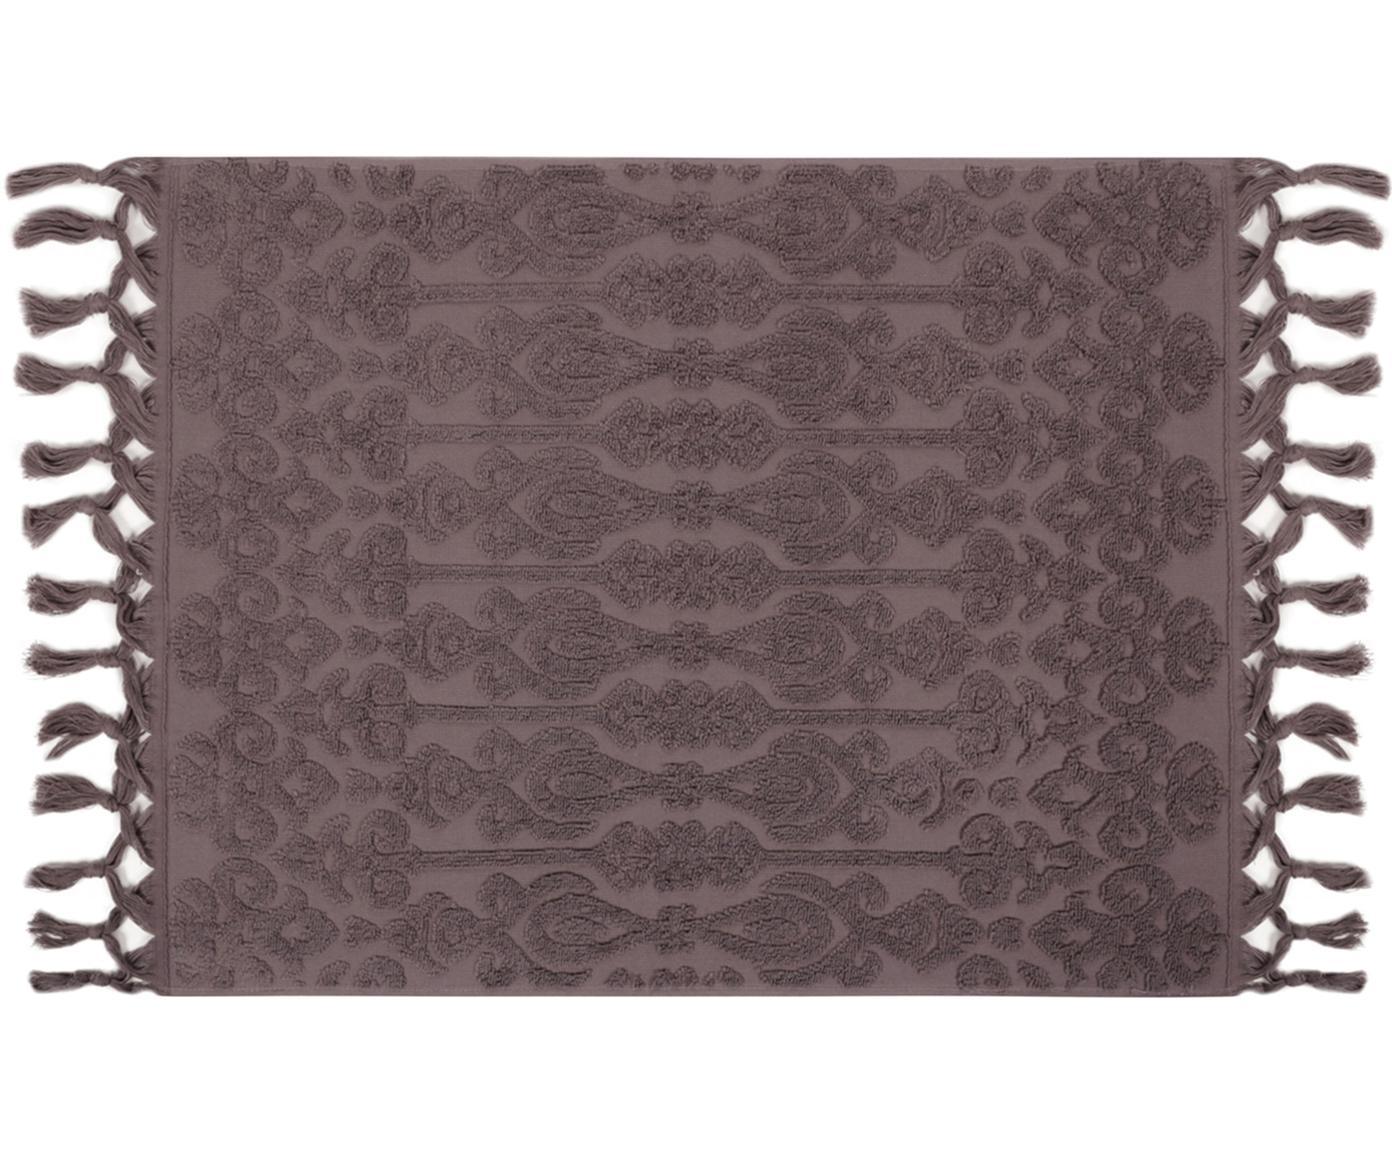 Badmat Victoria met paisley patroon, Katoen, Granietgrijs, 50 x 70 cm